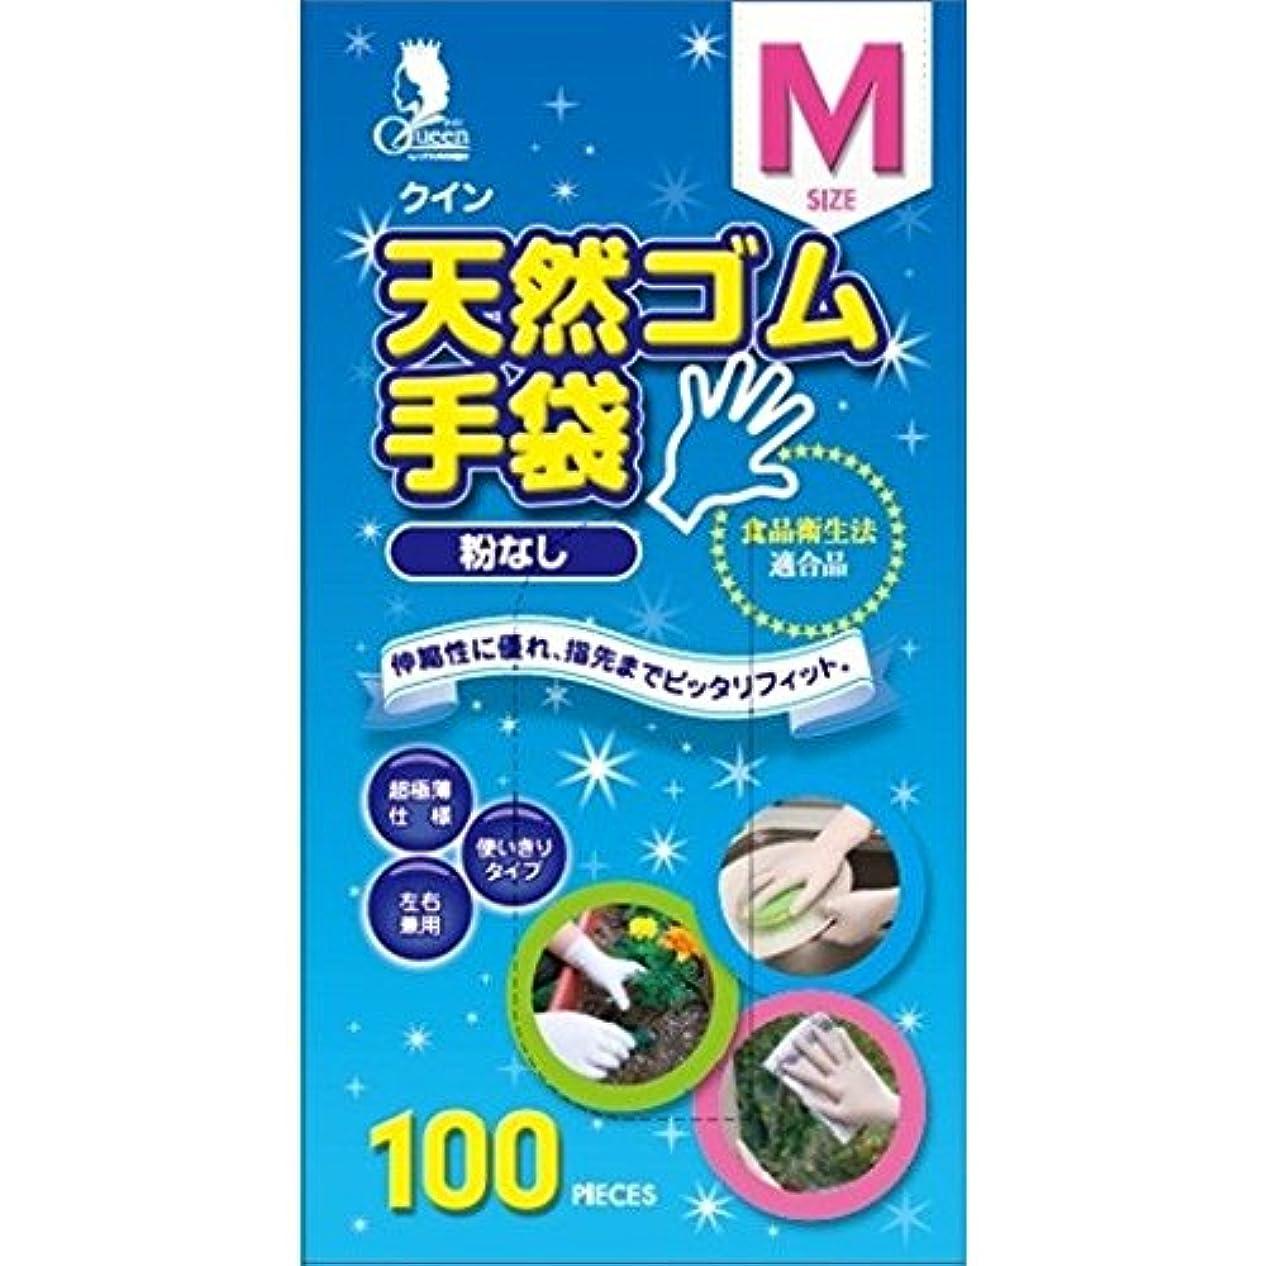 効率的に合計ごめんなさい宇都宮製作 クイン 天然ゴム手袋 Mサイズ 100枚